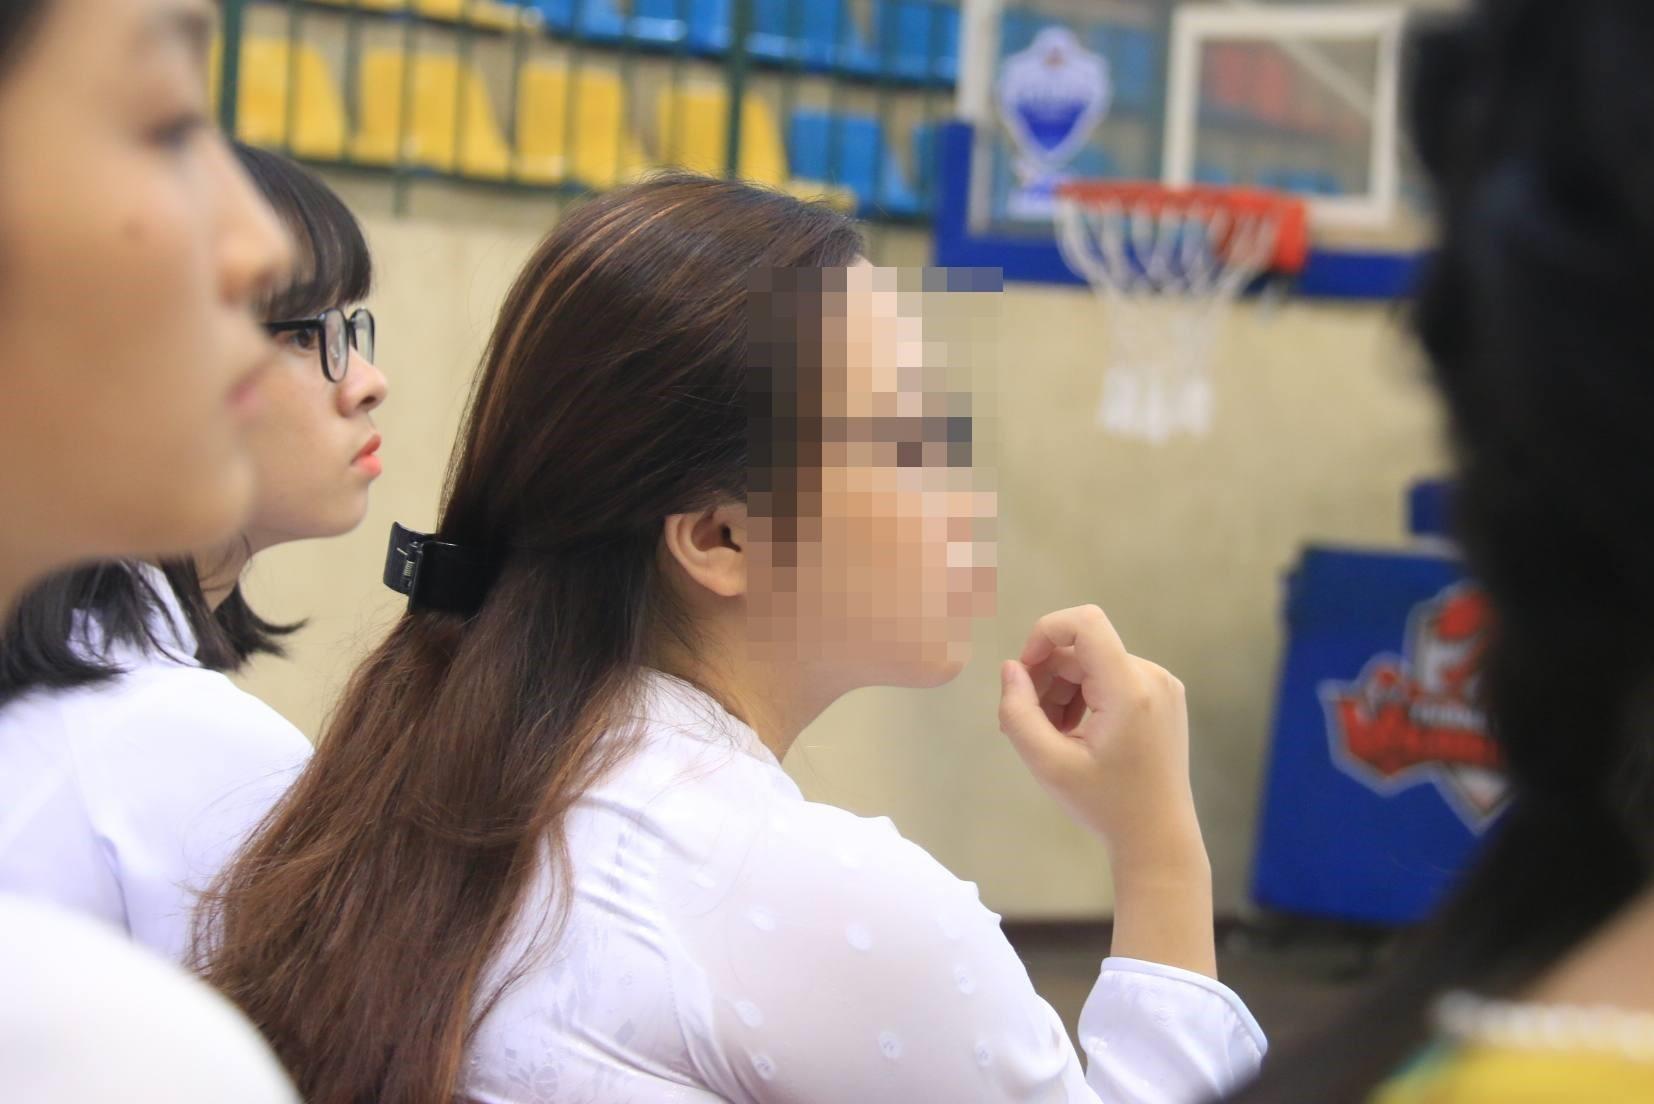 nữ sinh Hòa Bình,gian lận điểm thi,tiêu cực thi cử,thi THPT quốc gia,thí sinh Hòa Bình